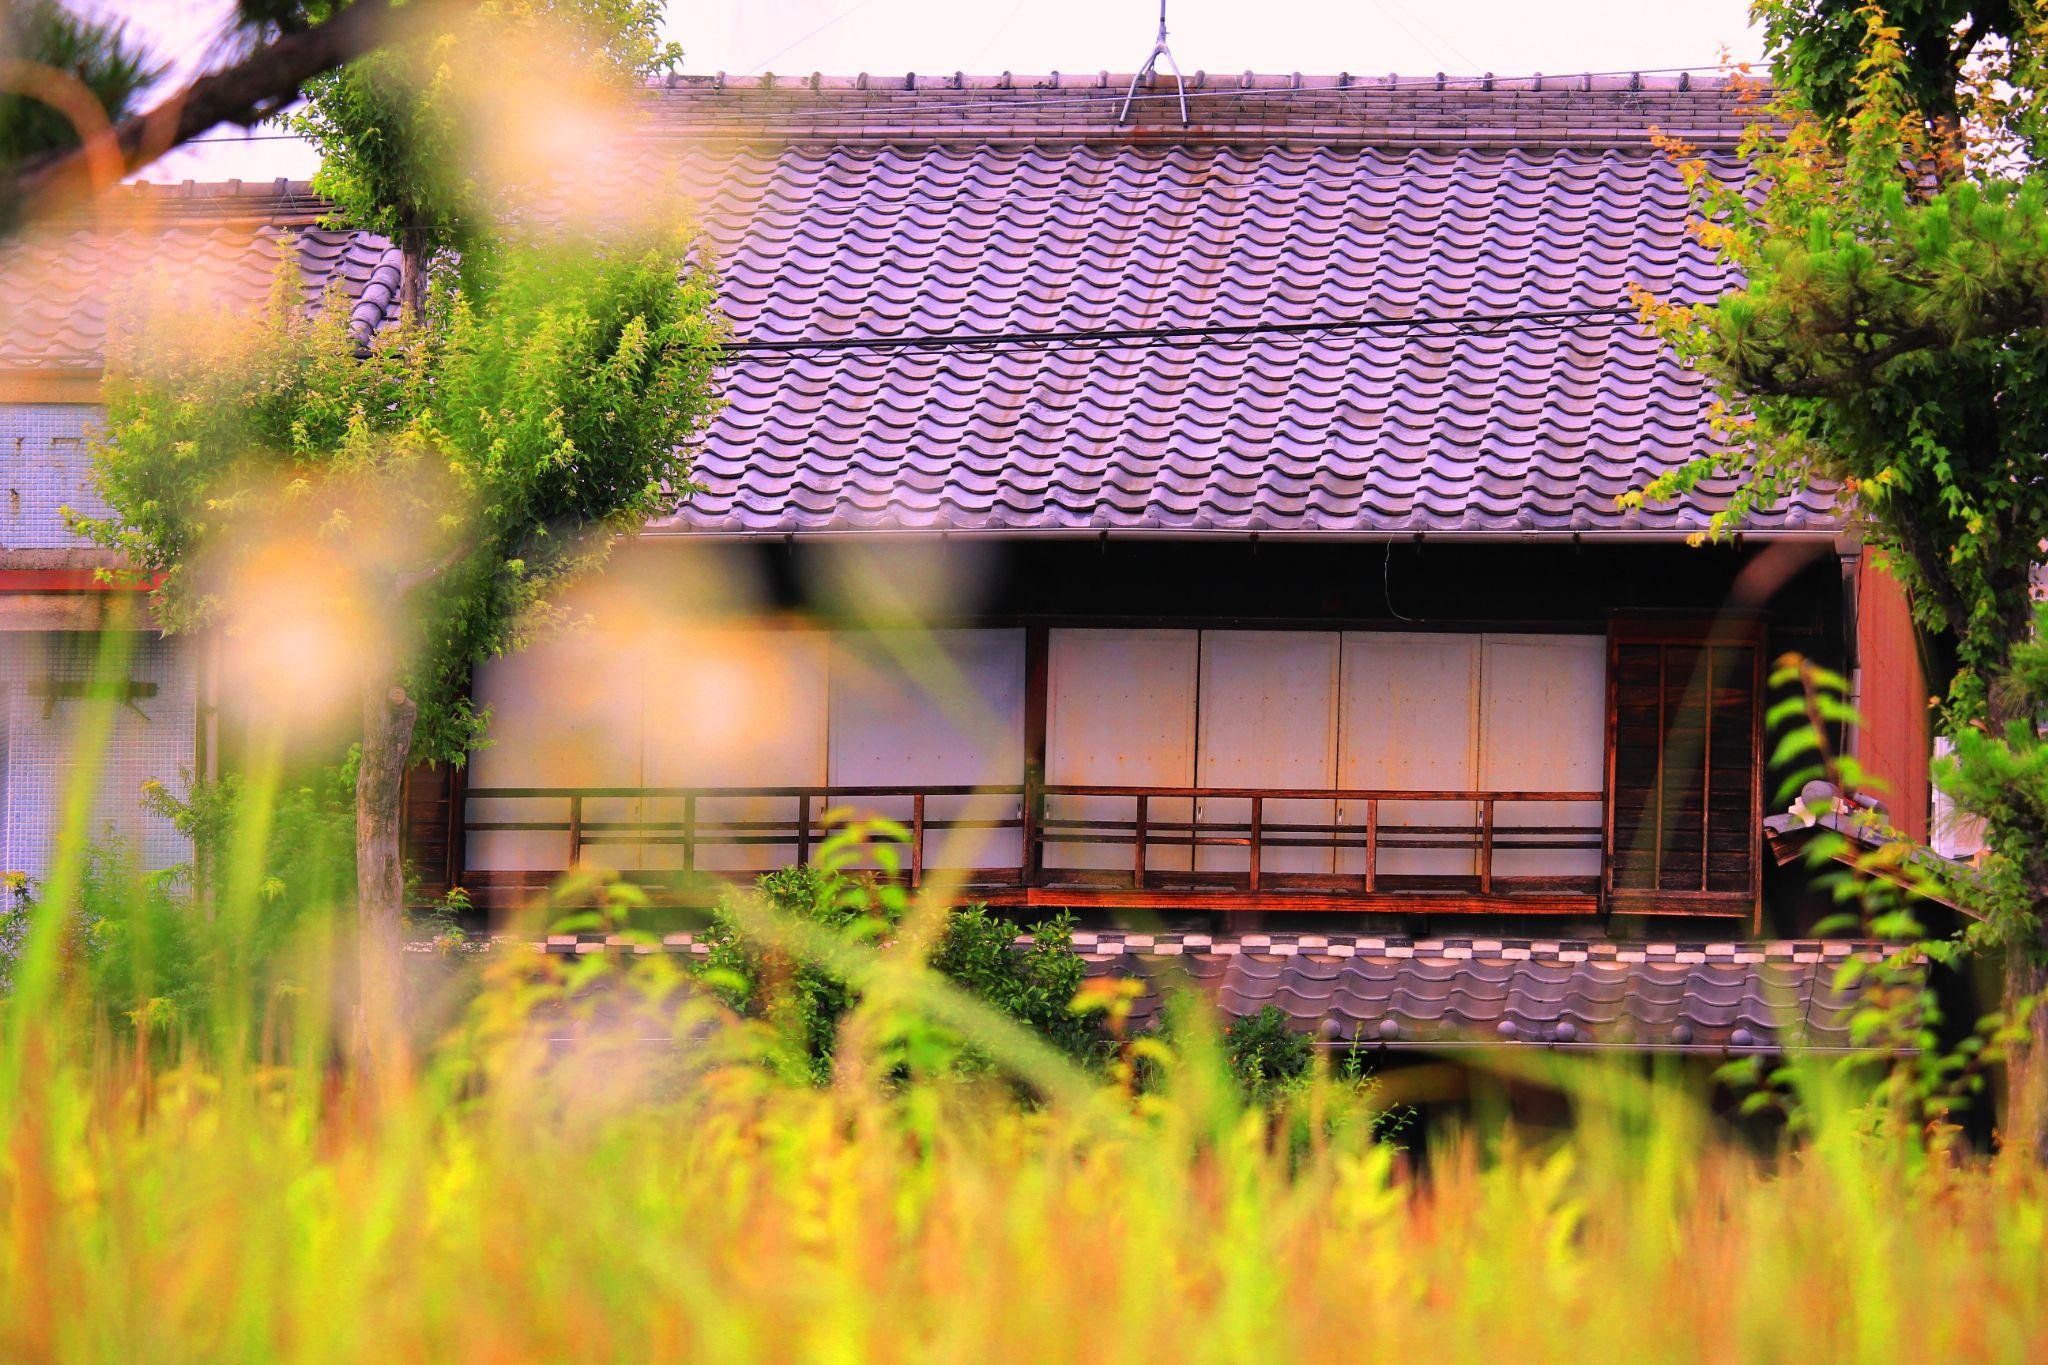 Old Style House by Manabu Moriwaki